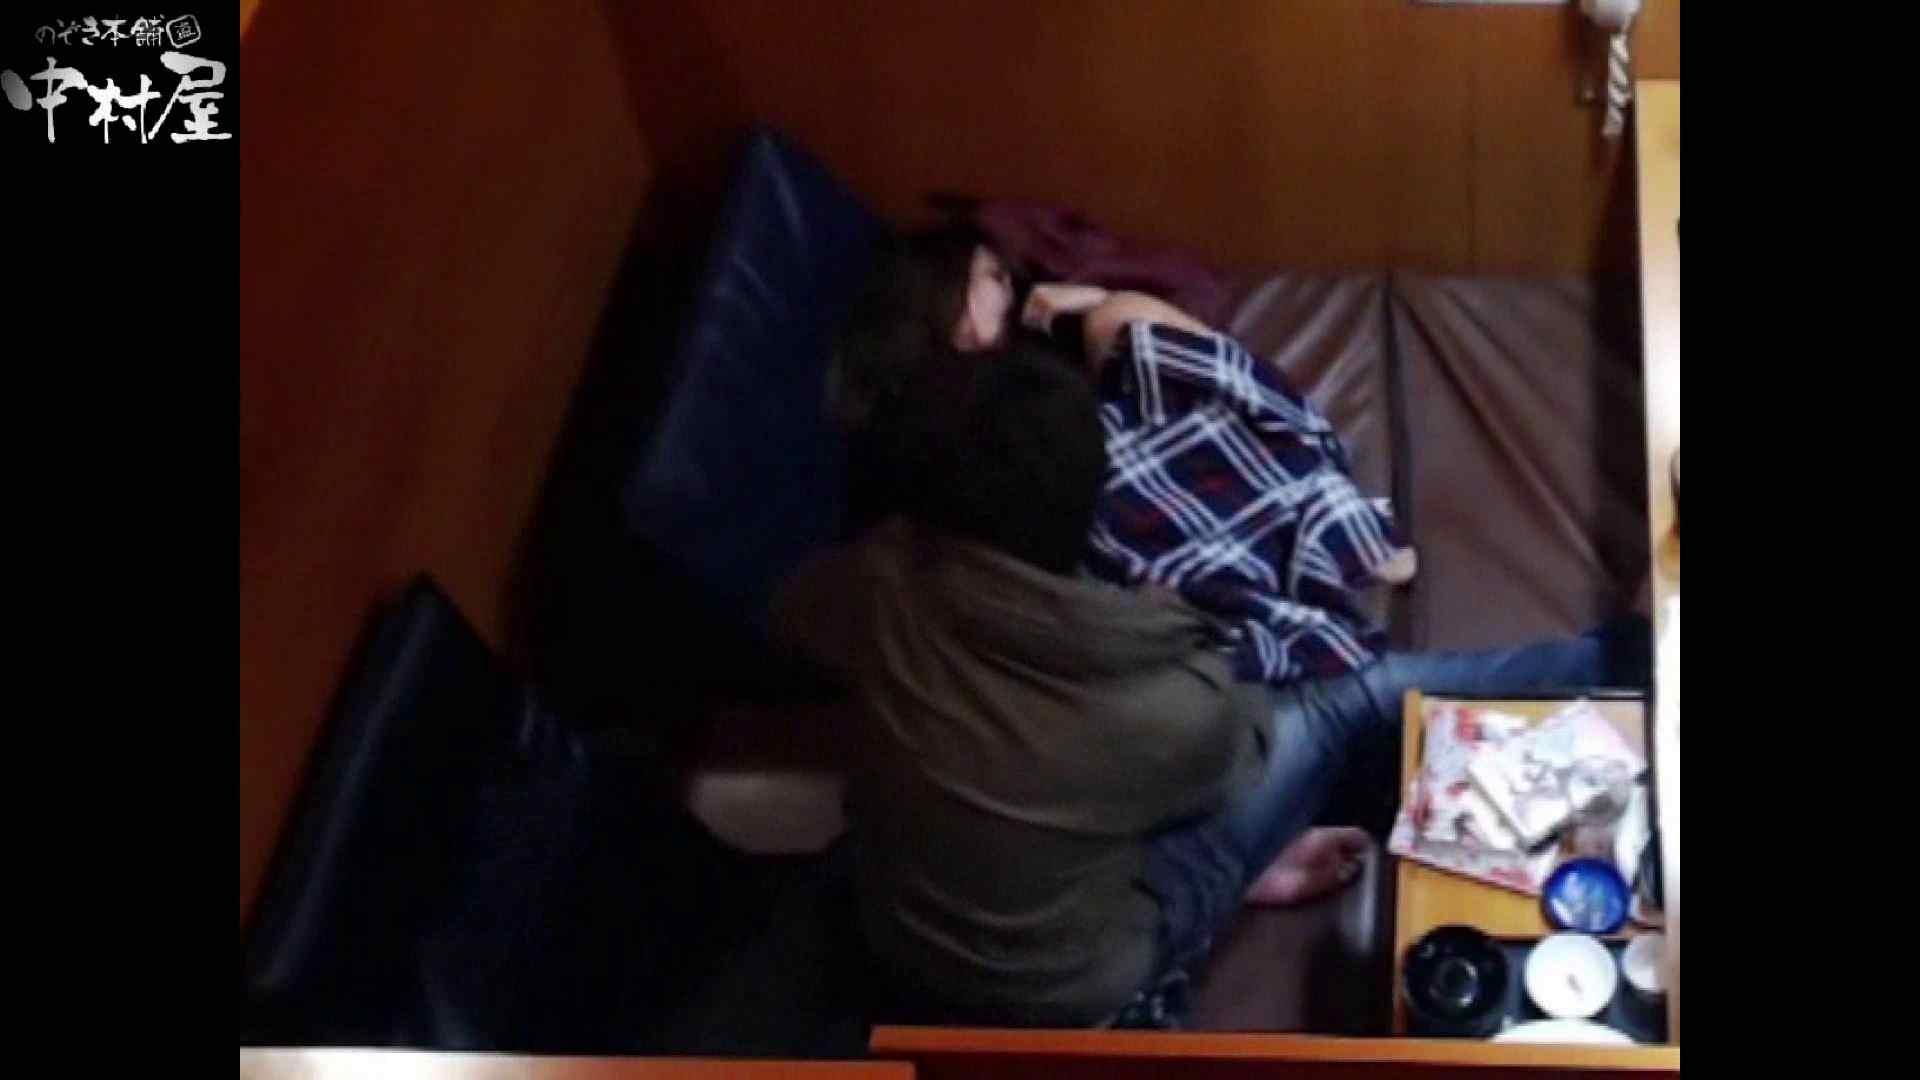 ネットカフェ盗撮師トロントさんの 素人カップル盗撮記vol.4 乳首 スケベ動画紹介 87pic 66